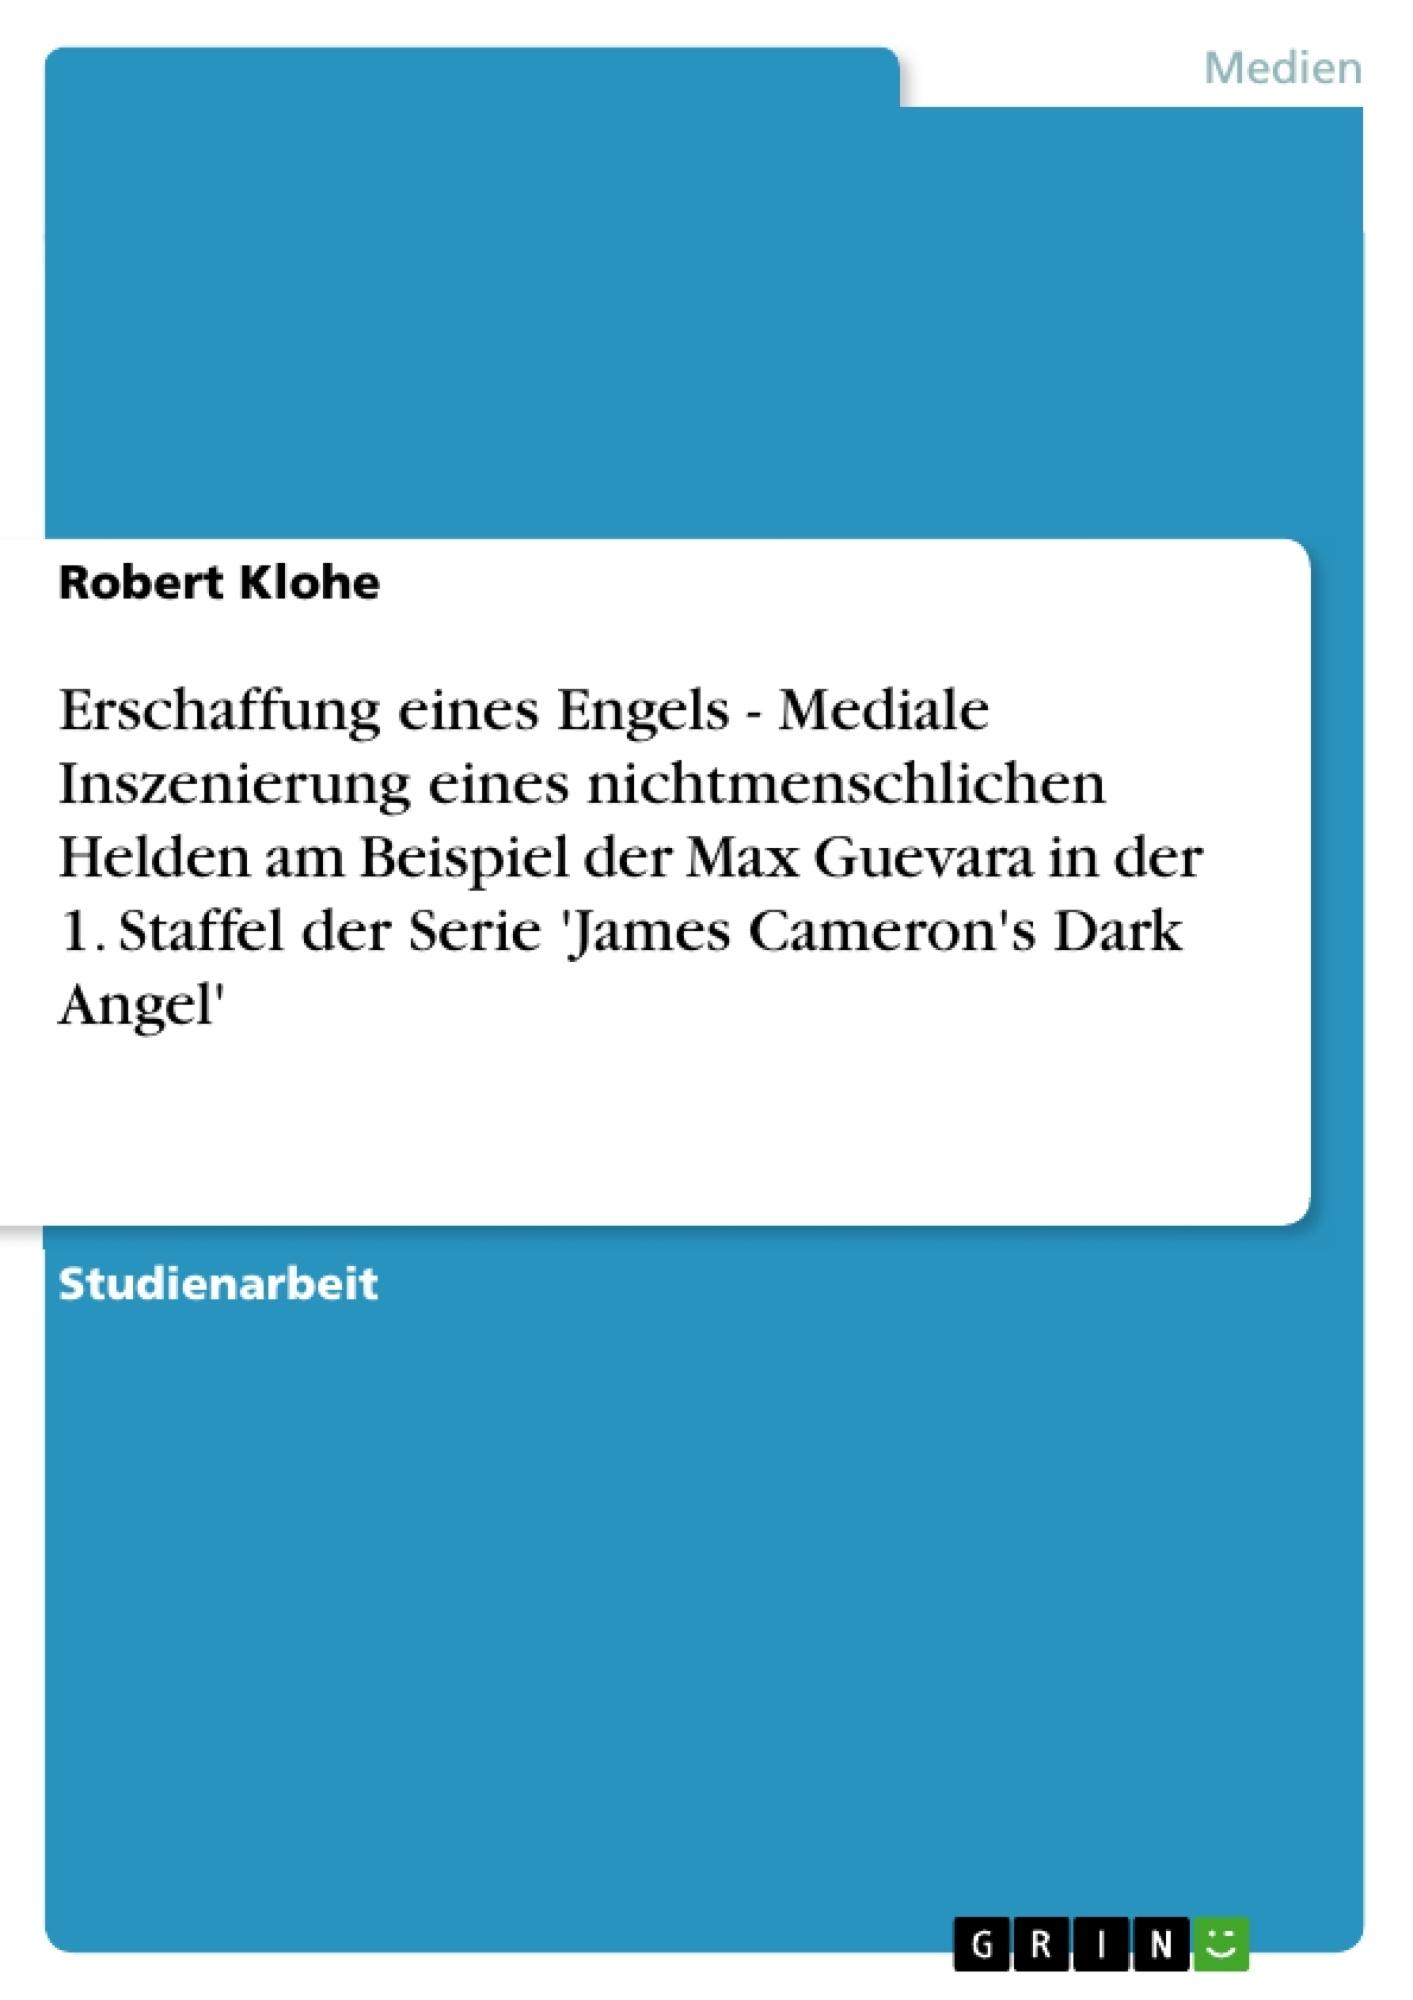 Titel: Erschaffung eines Engels - Mediale Inszenierung eines nichtmenschlichen Helden am Beispiel der Max Guevara in der 1. Staffel der Serie 'James Cameron's Dark Angel'